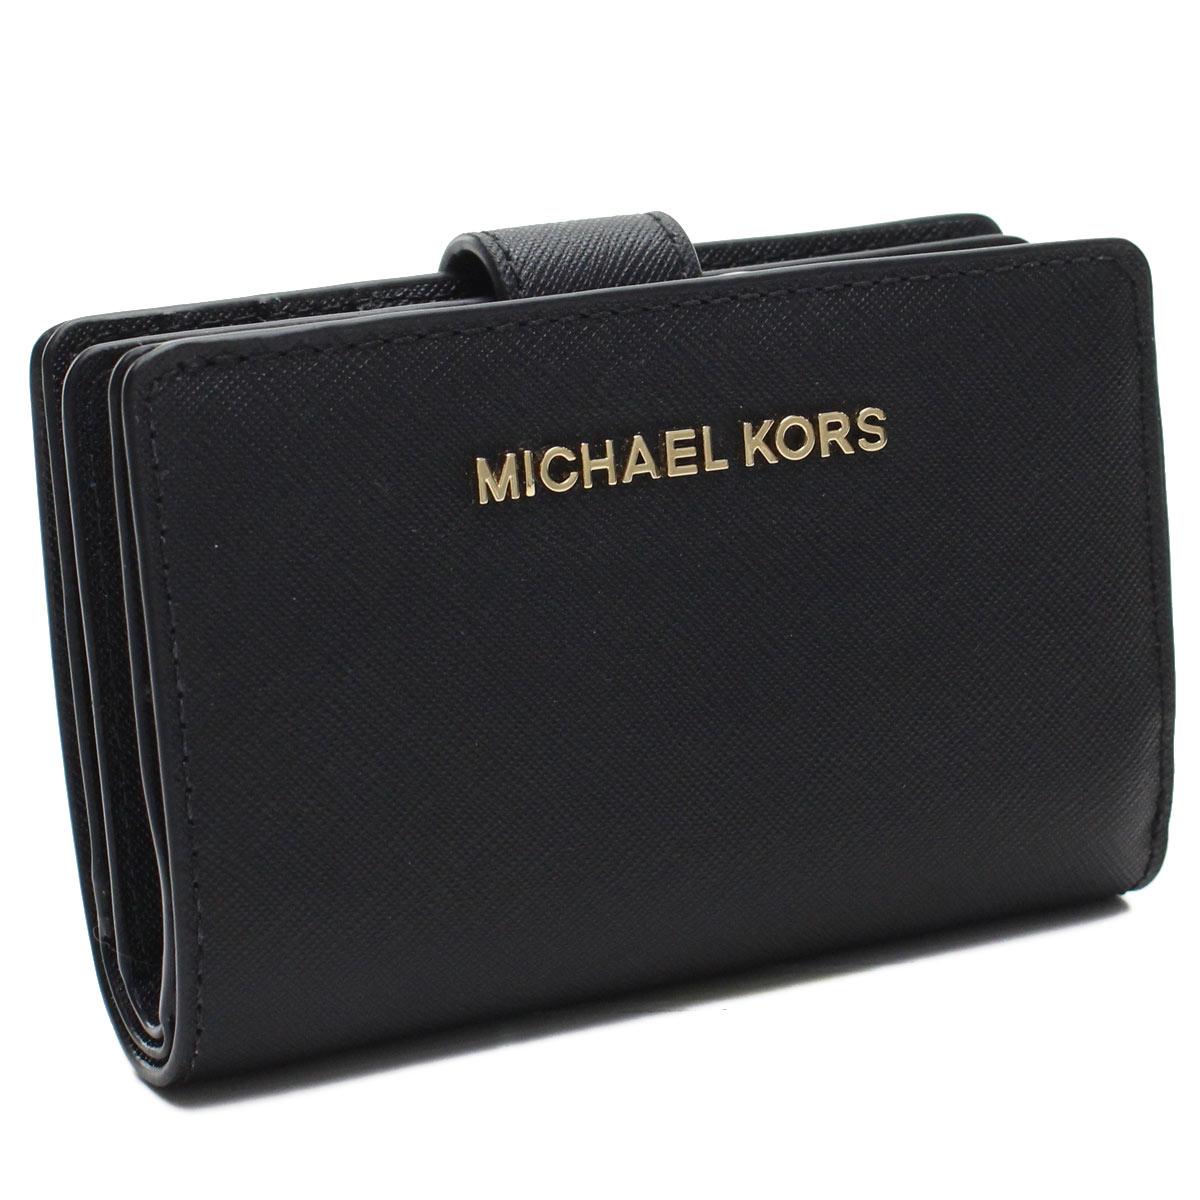 マイケルコースアウトレット MICHAEL KORS(OUTLET) コンパクト 2つ折り財布 35F7GTVF2L LEATHER BLACK ブラック レディース